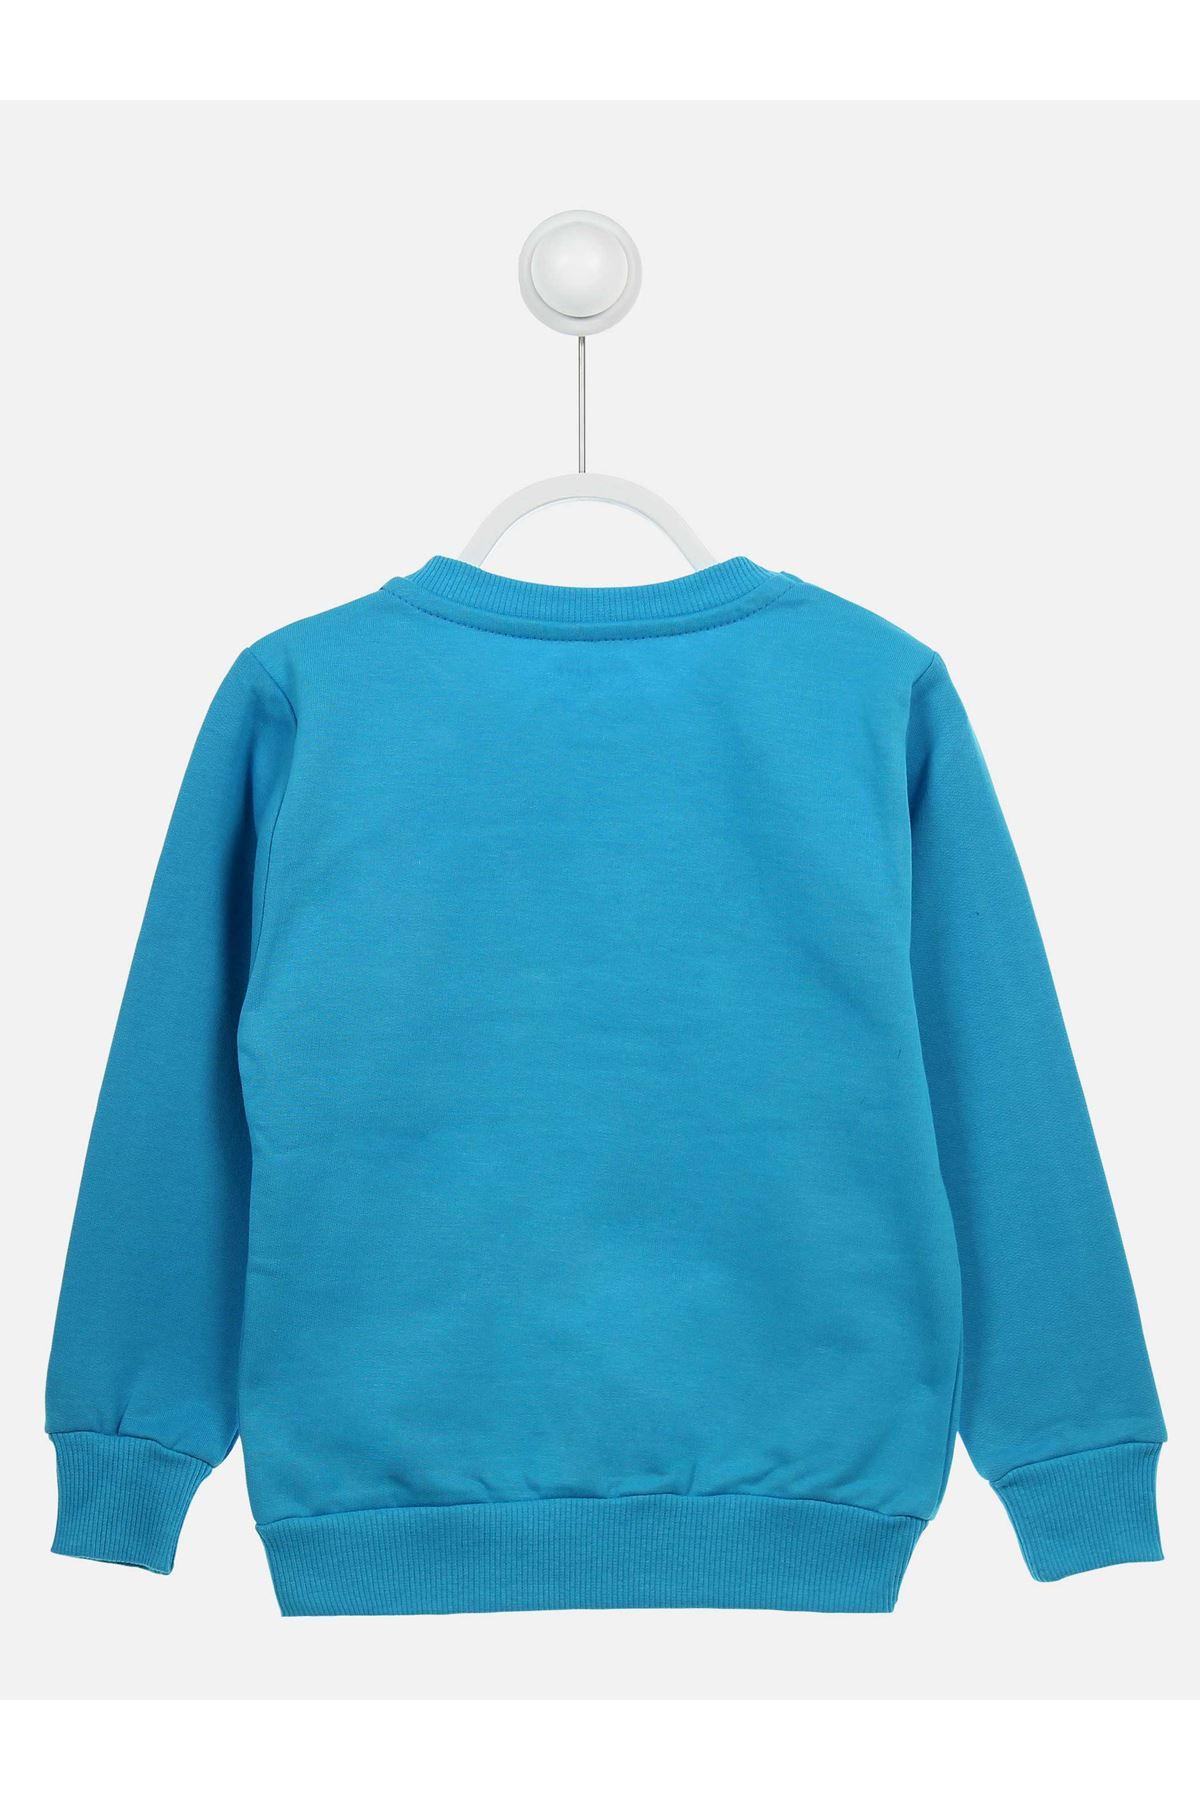 Turquoise Seasonal Girl Child Sweatshirt